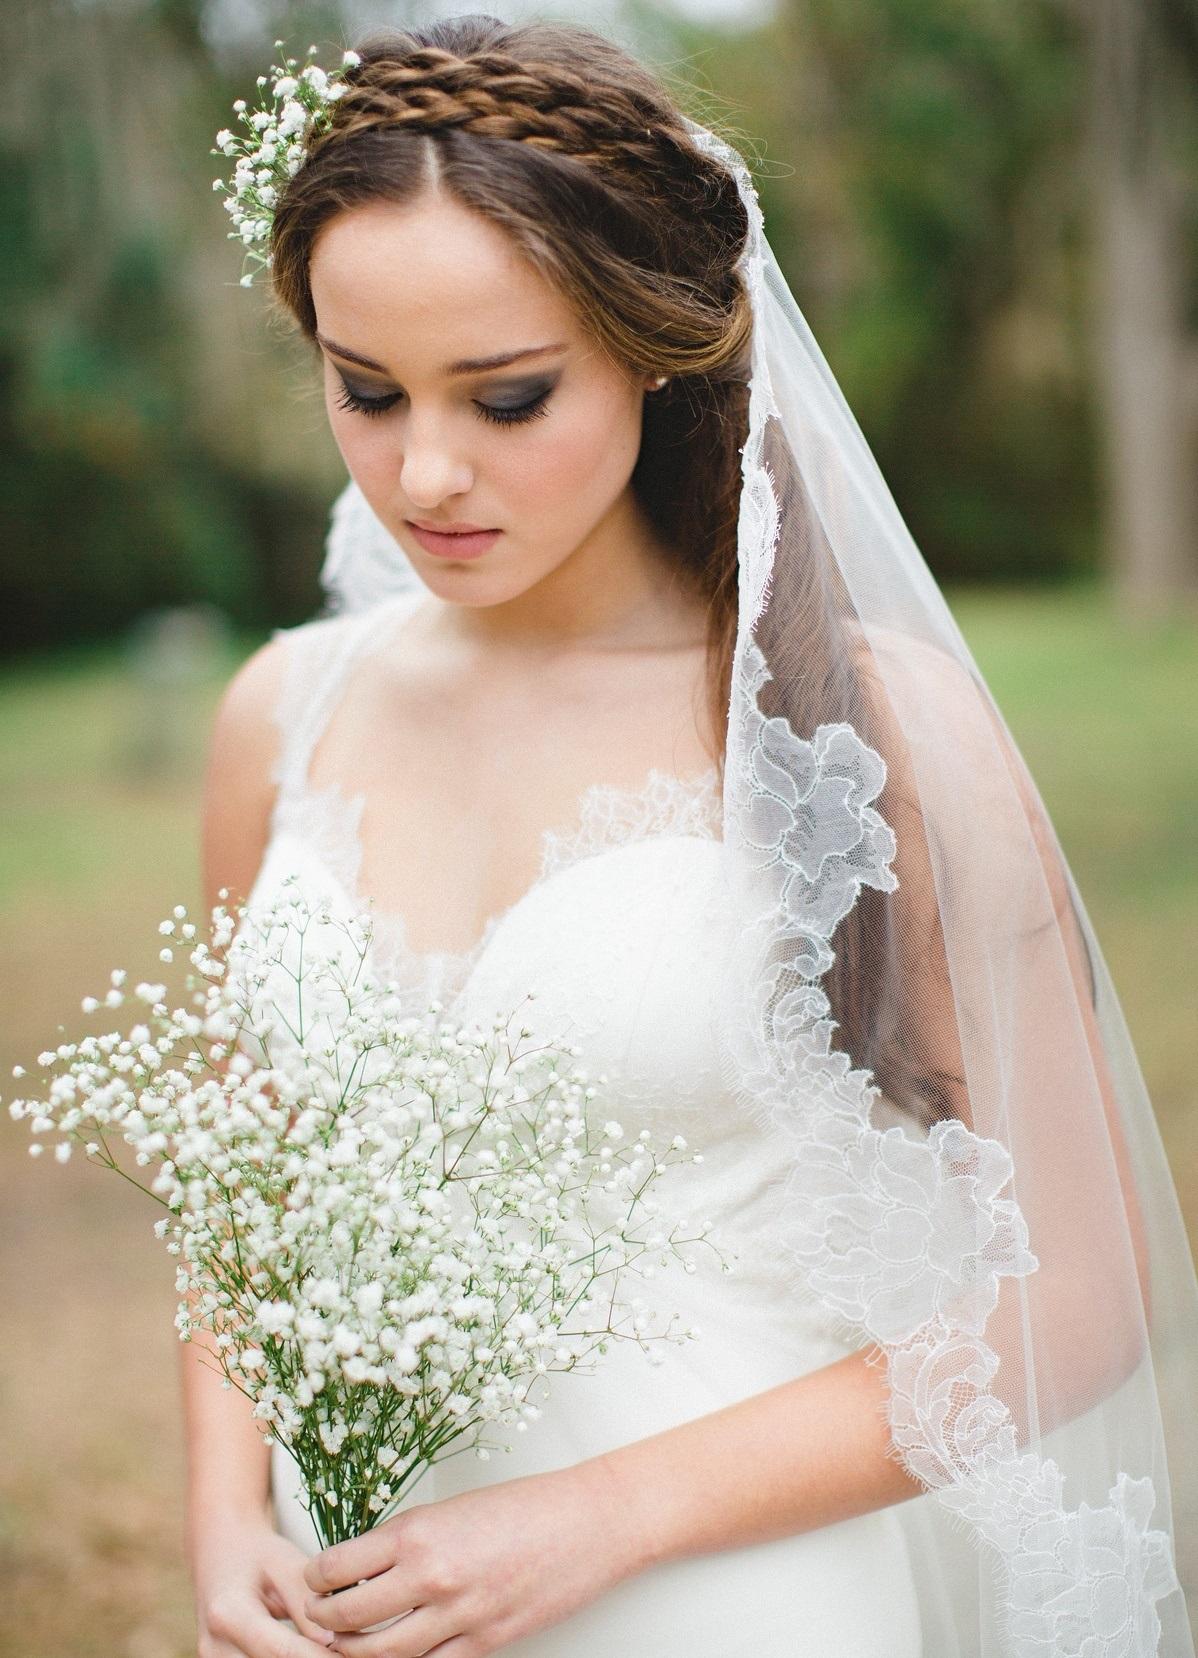 Fryzury ślubne Z Długim Welonem Jak Poprawnie Dobrać Fryzurę